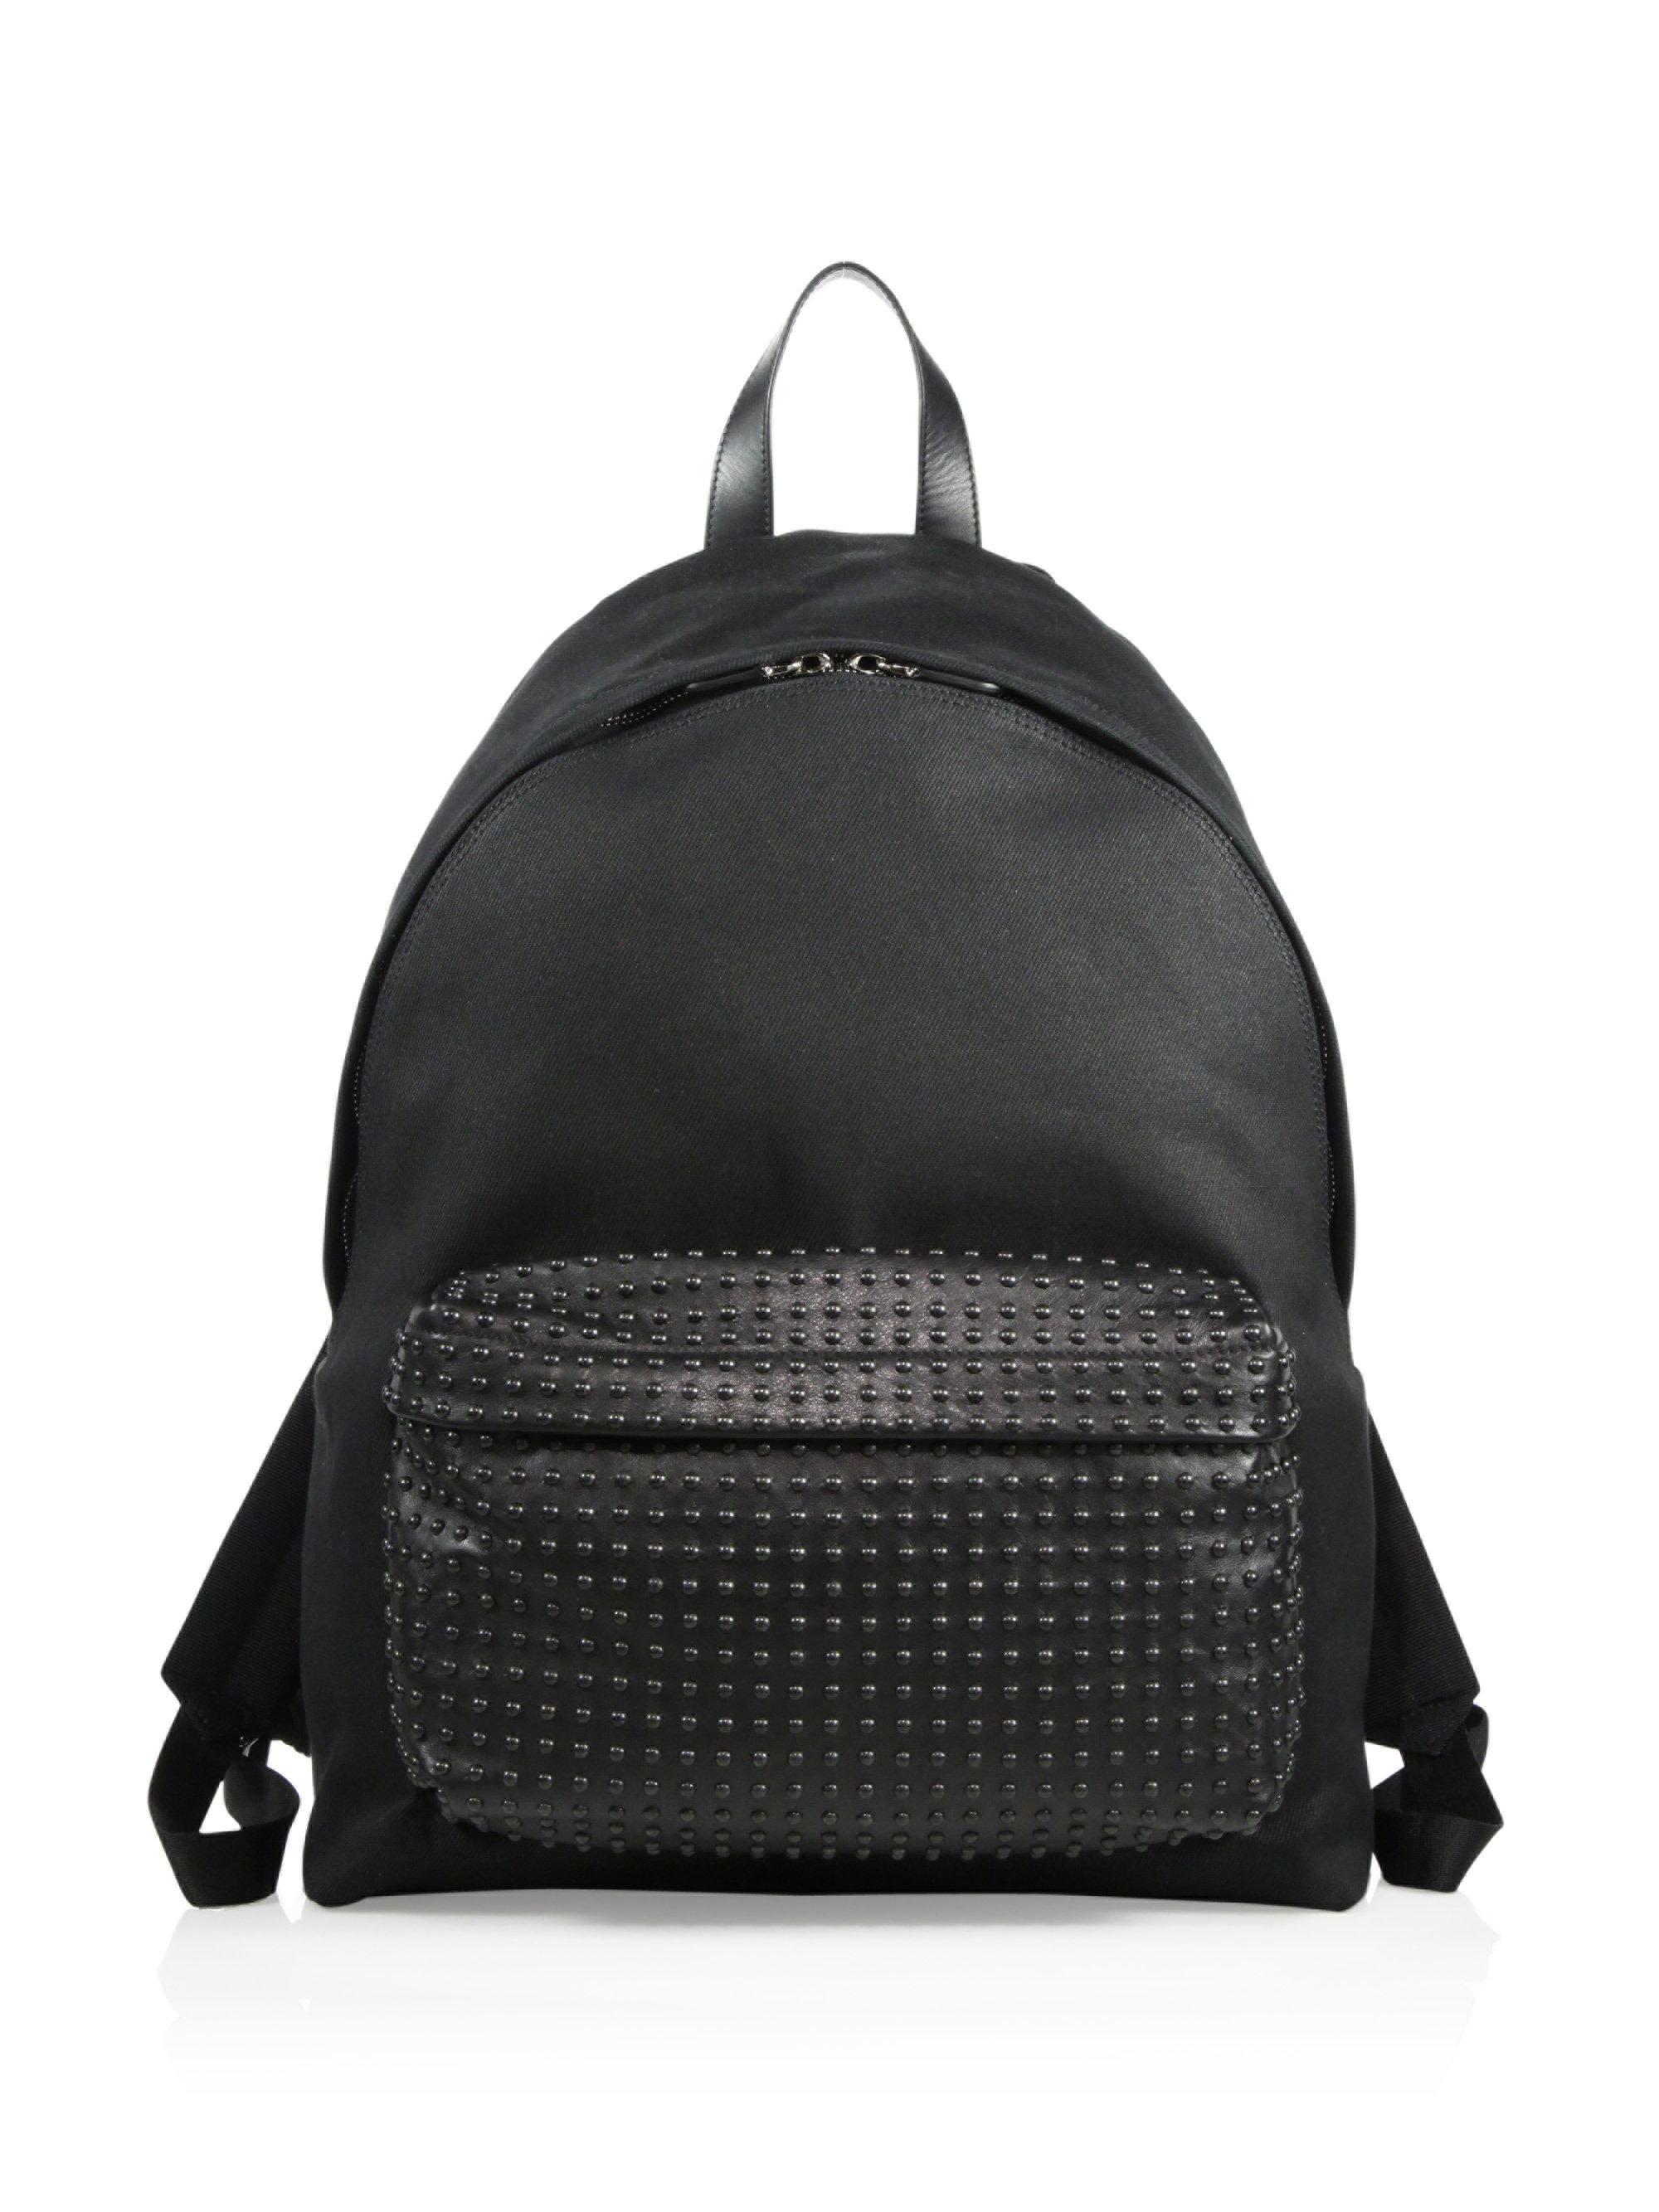 Givenchy Printed Nylon Pocket Backpack, 1990s